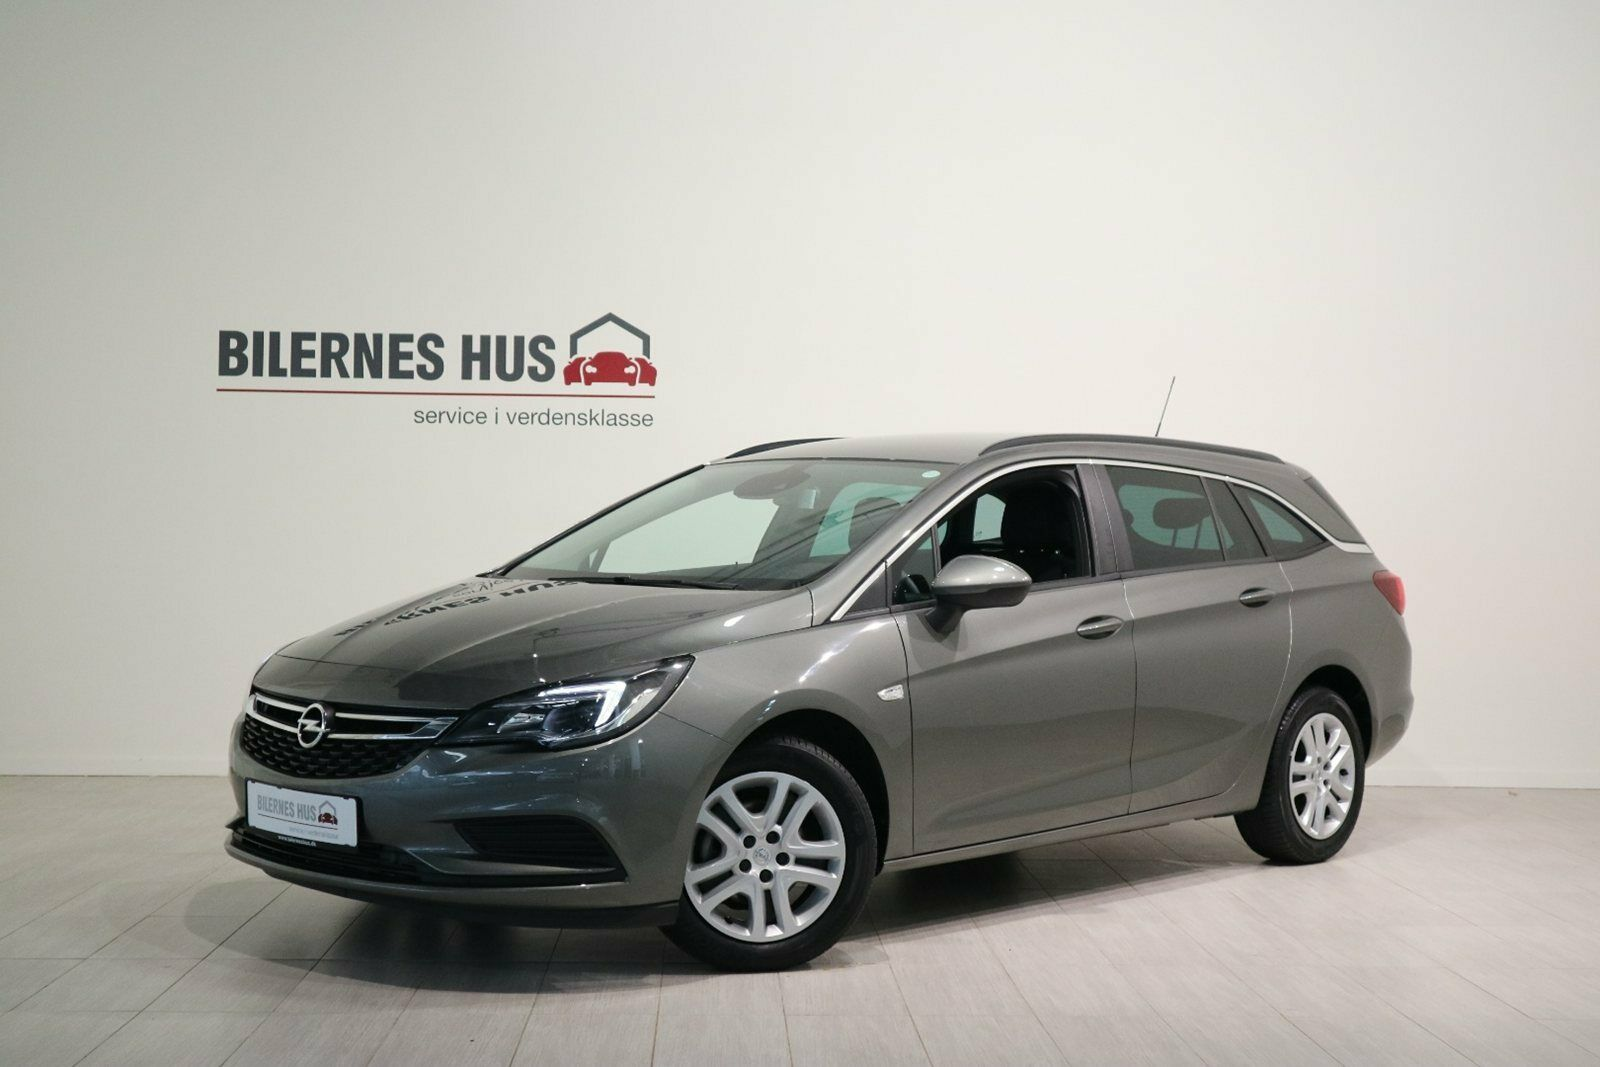 Opel Astra Billede 3